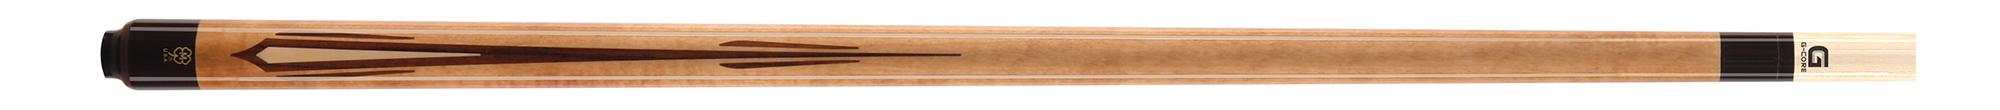 PK3022: McDermott G233Walnut/inlay pool Gewicht: 19Oz #1